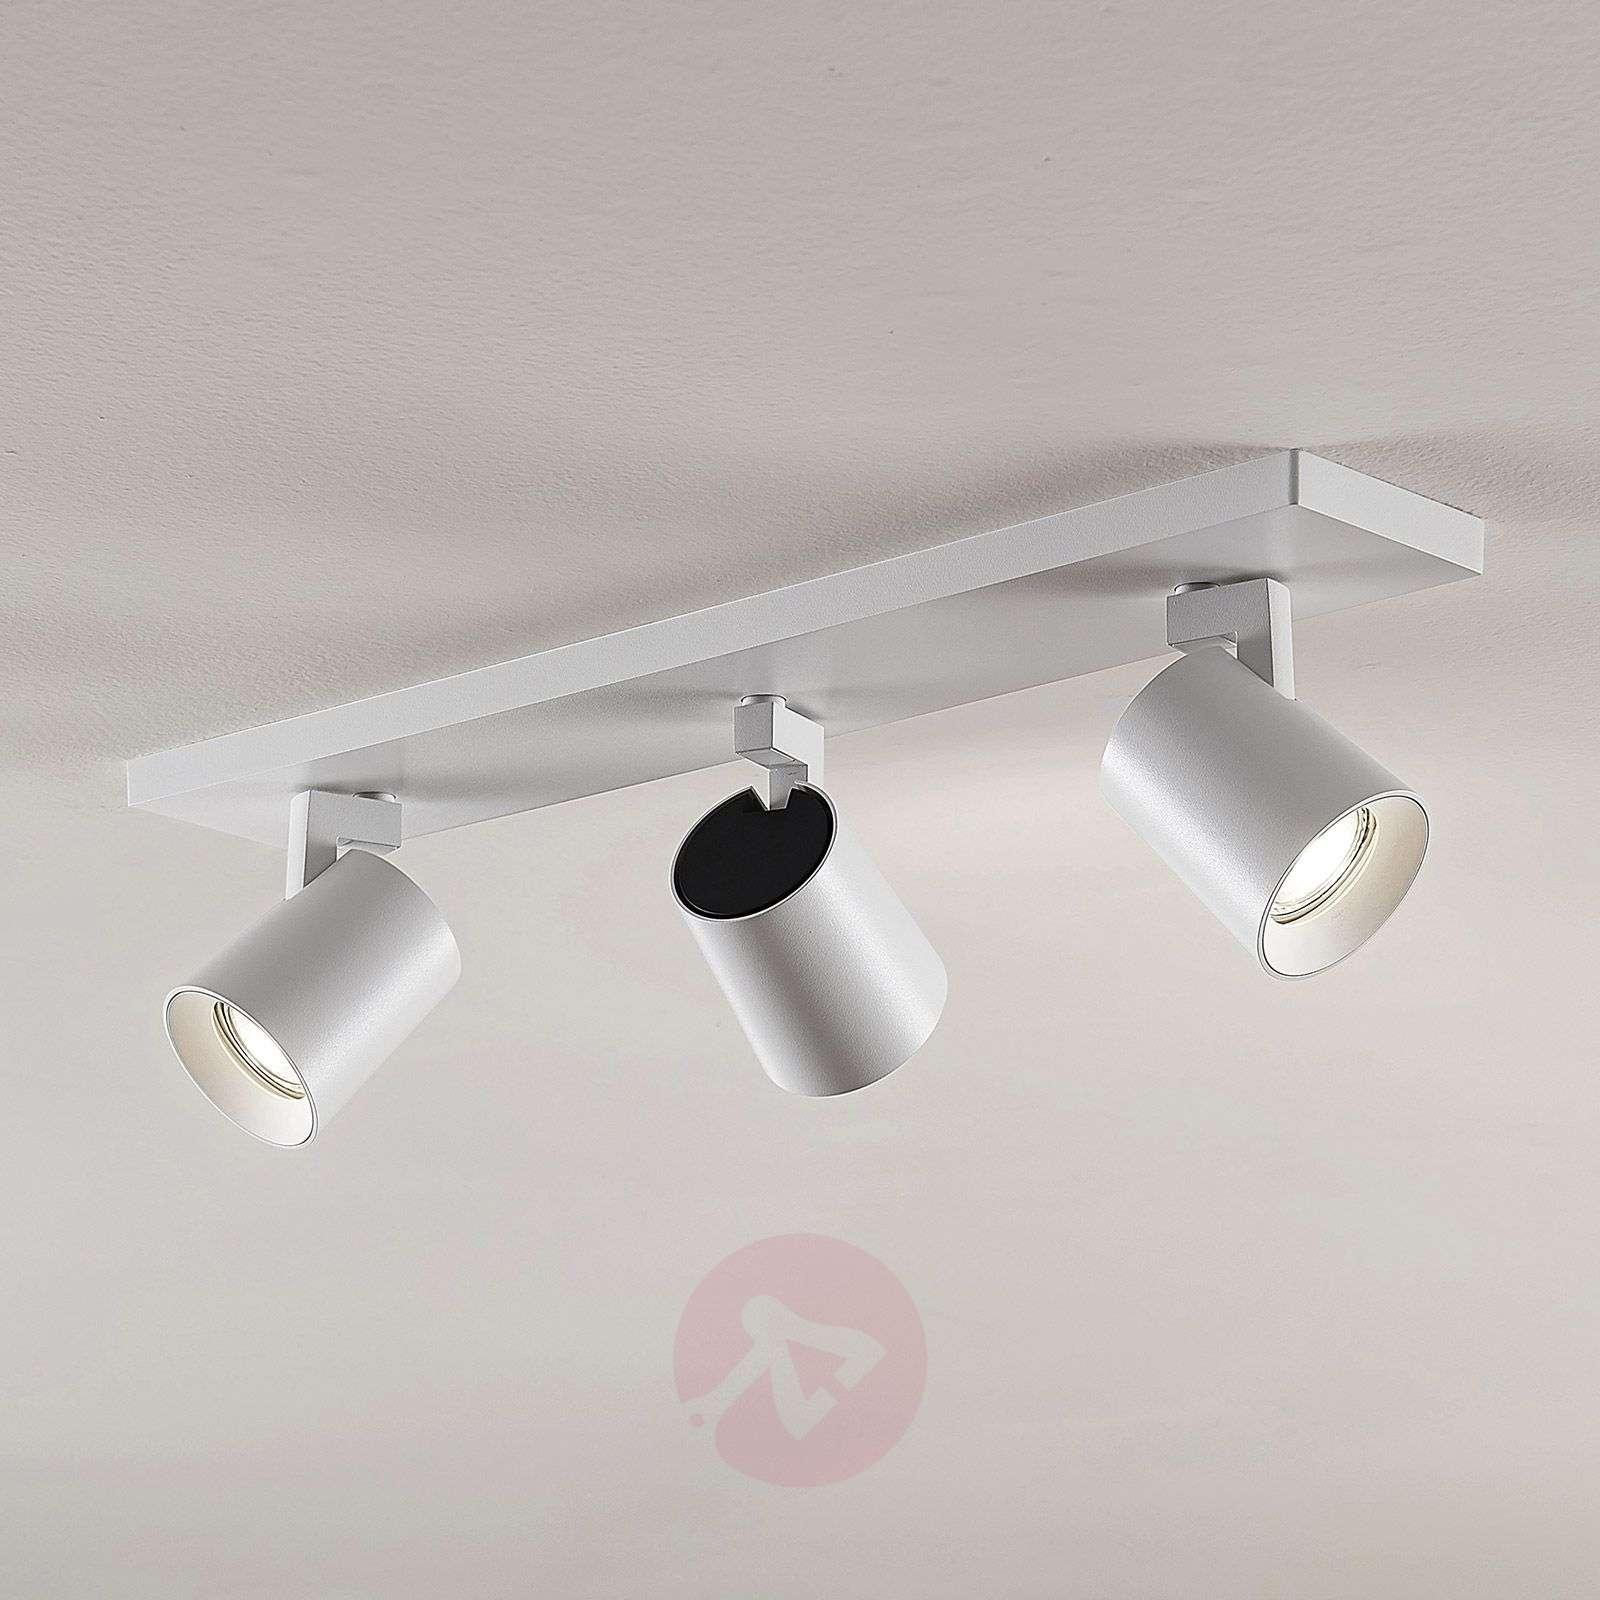 Kattokohdevalo Iavo säädettävä valkoinen 3 lamppua-9928003-01